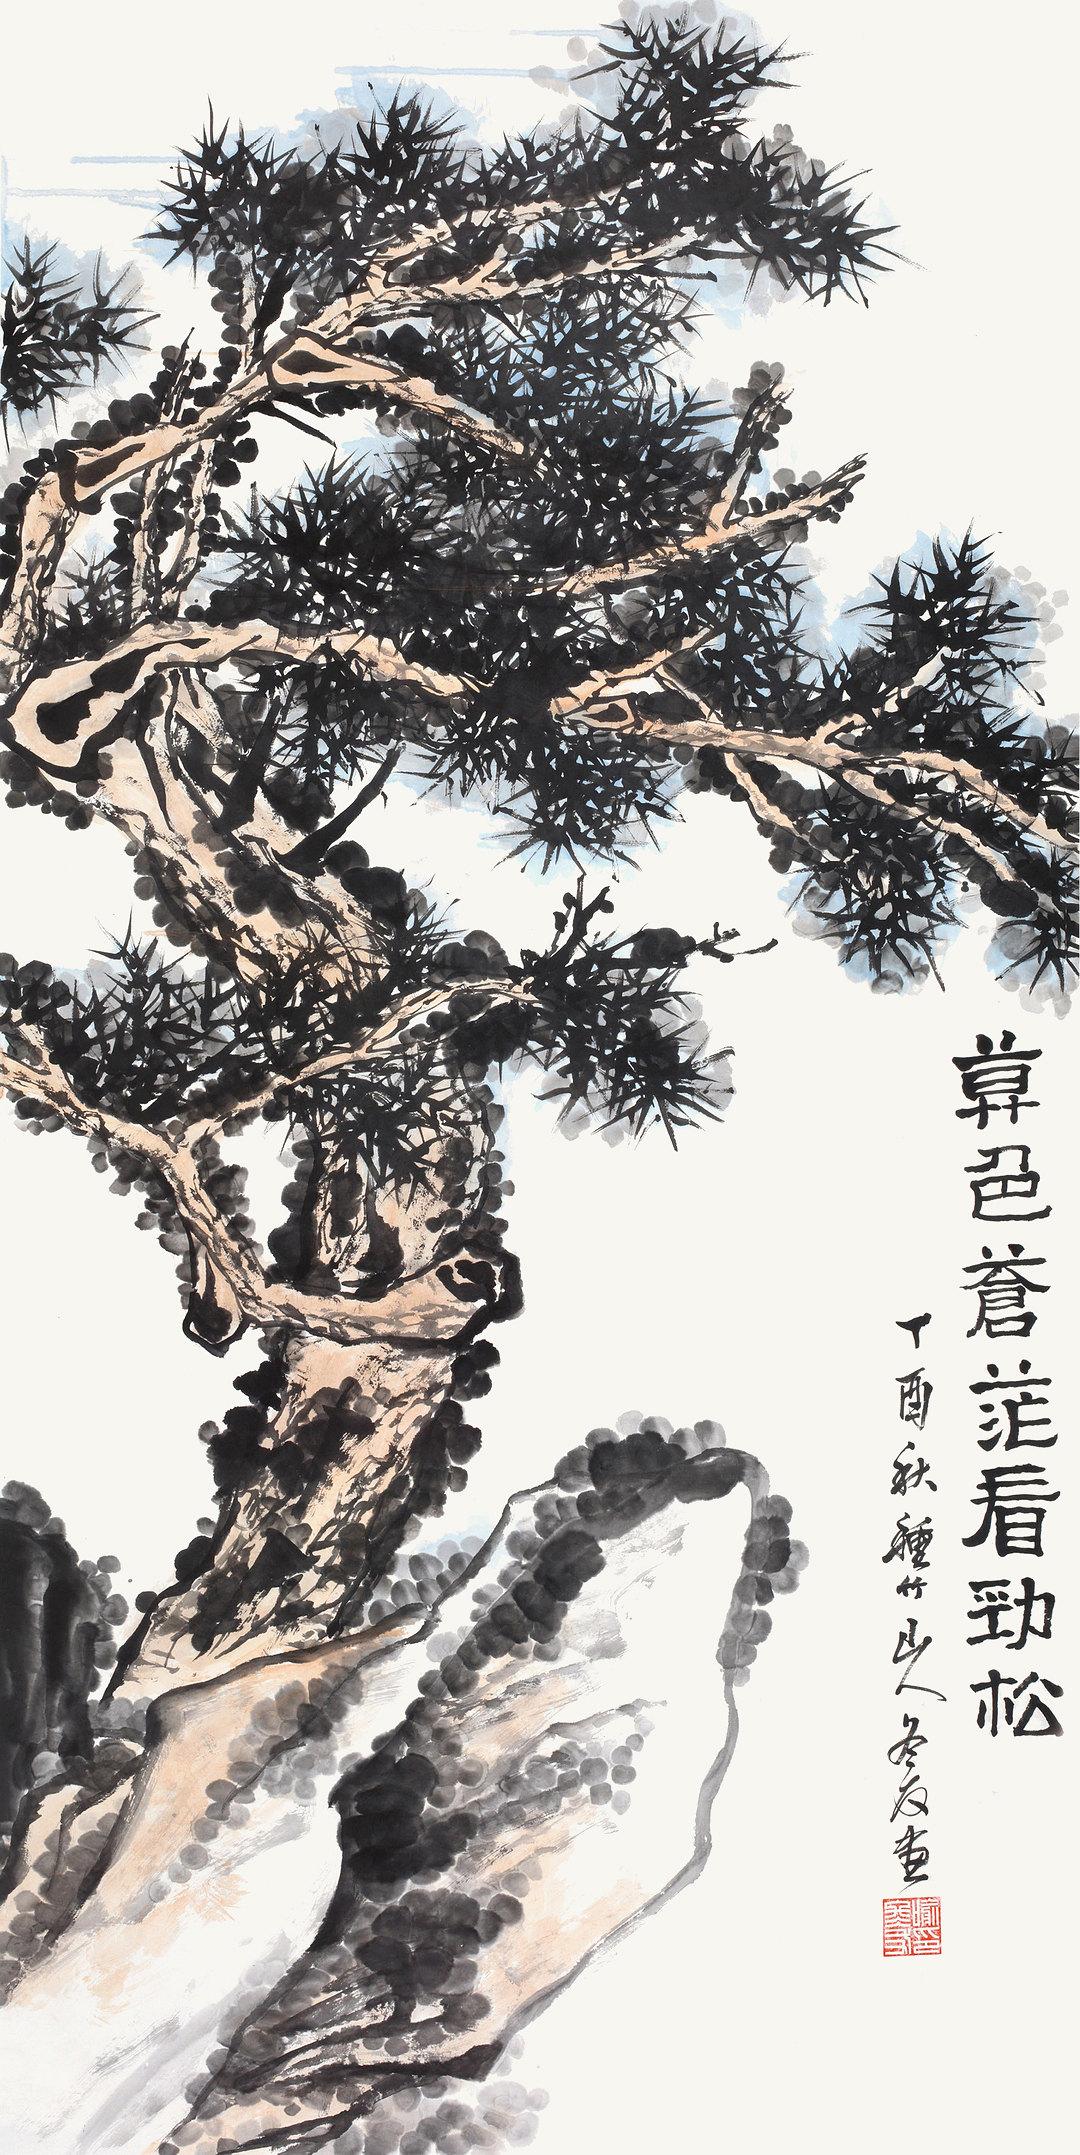 《暮色苍茫看劲松》纸本水墨 2017年